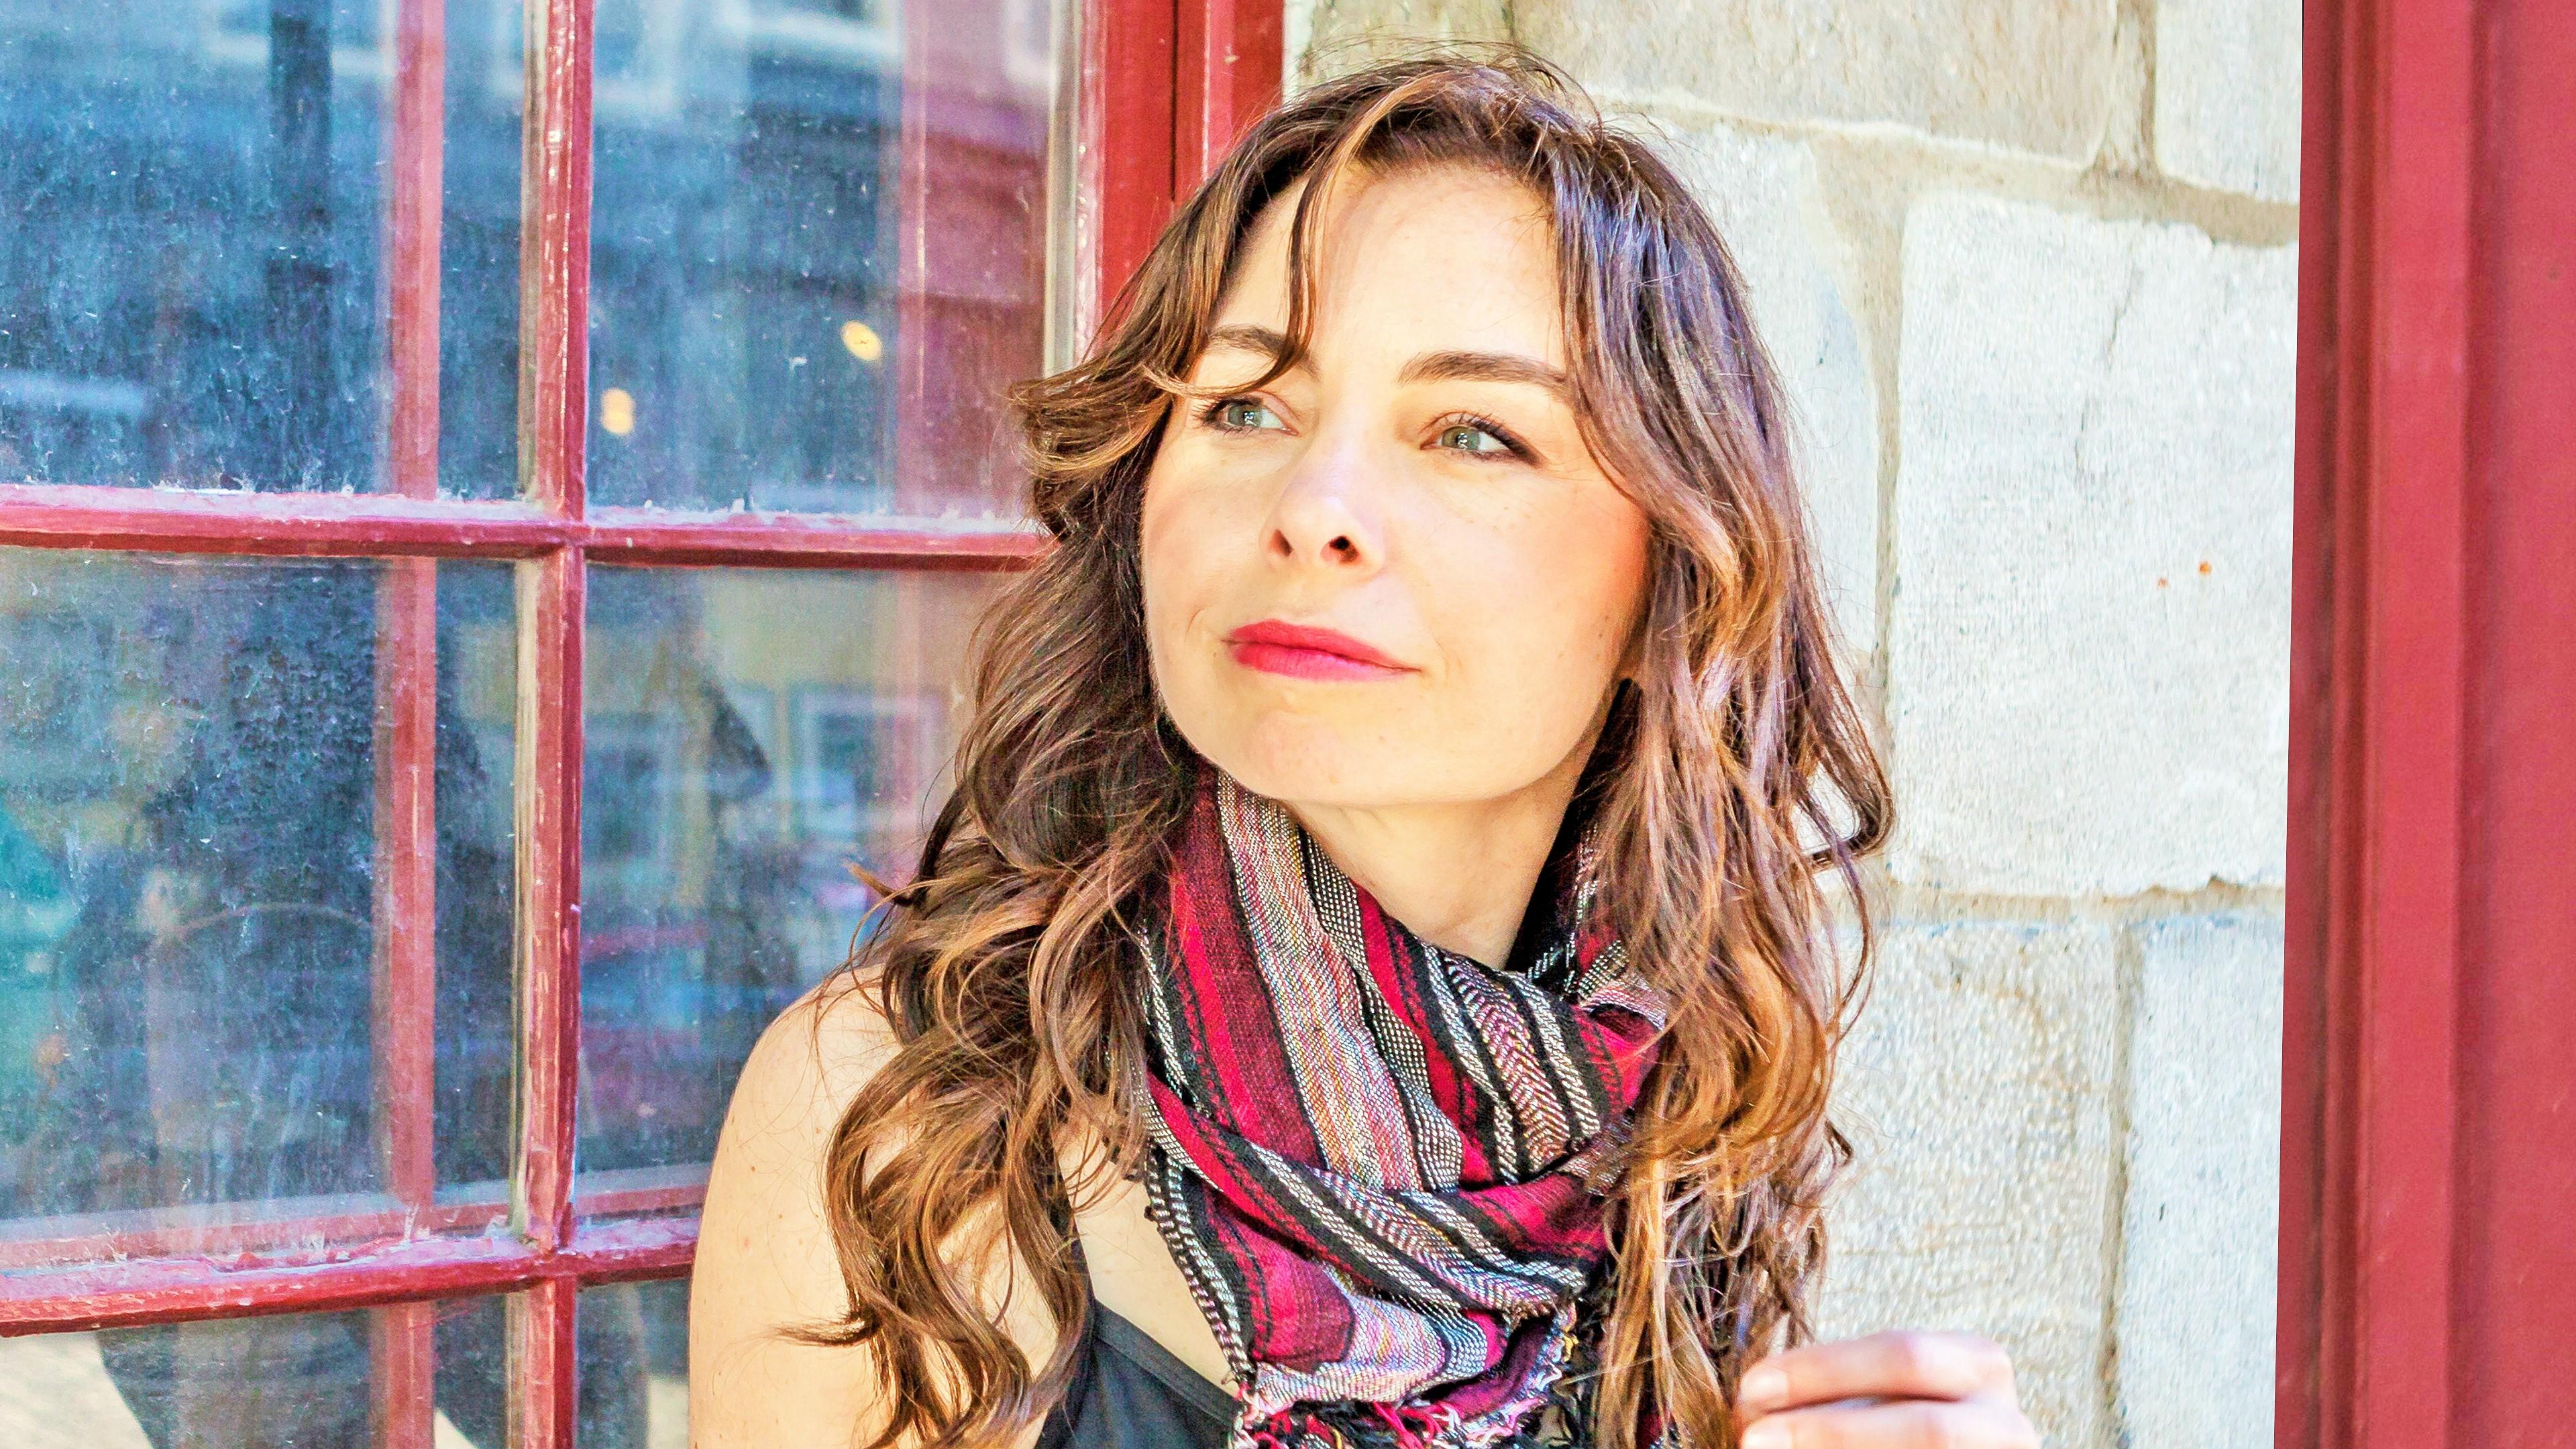 Andriana Spotify Image (2)